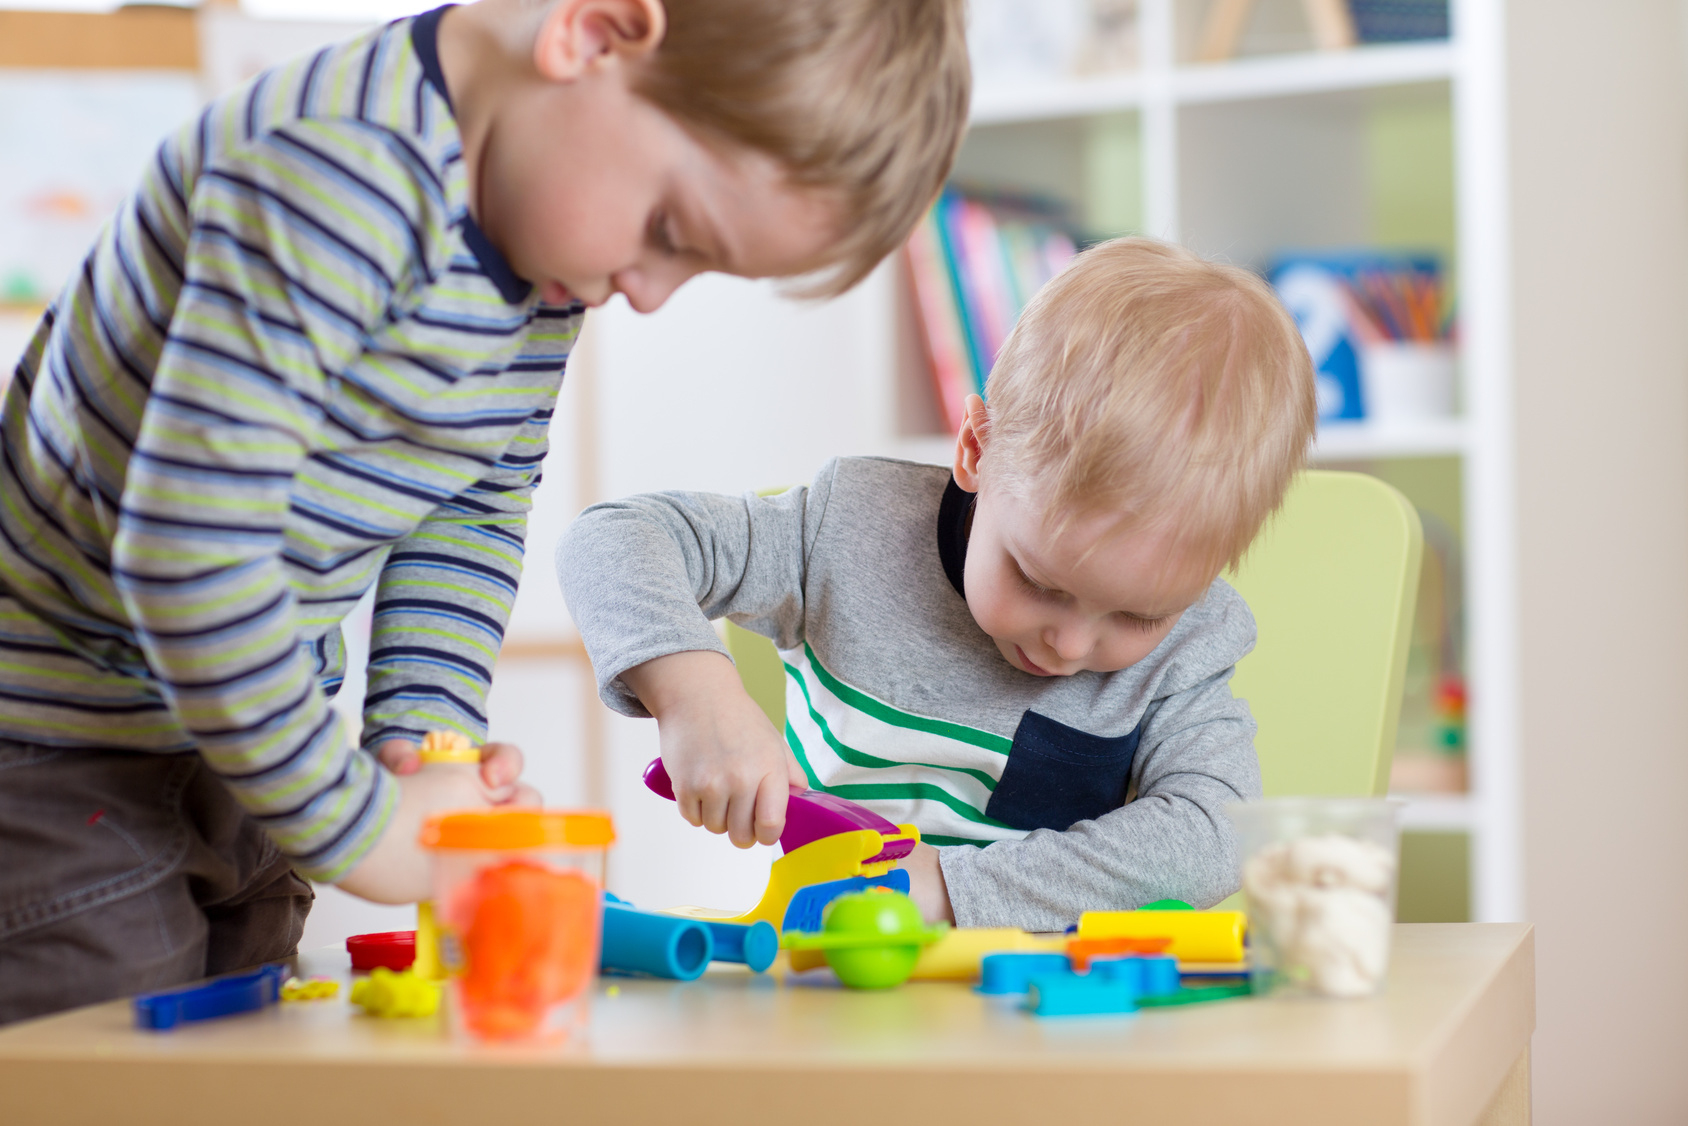 12 Activités Psychomotrices Pour Les 0-3 Ans - Nanny Secours intérieur Jeux Gratuit Enfant De 3 Ans